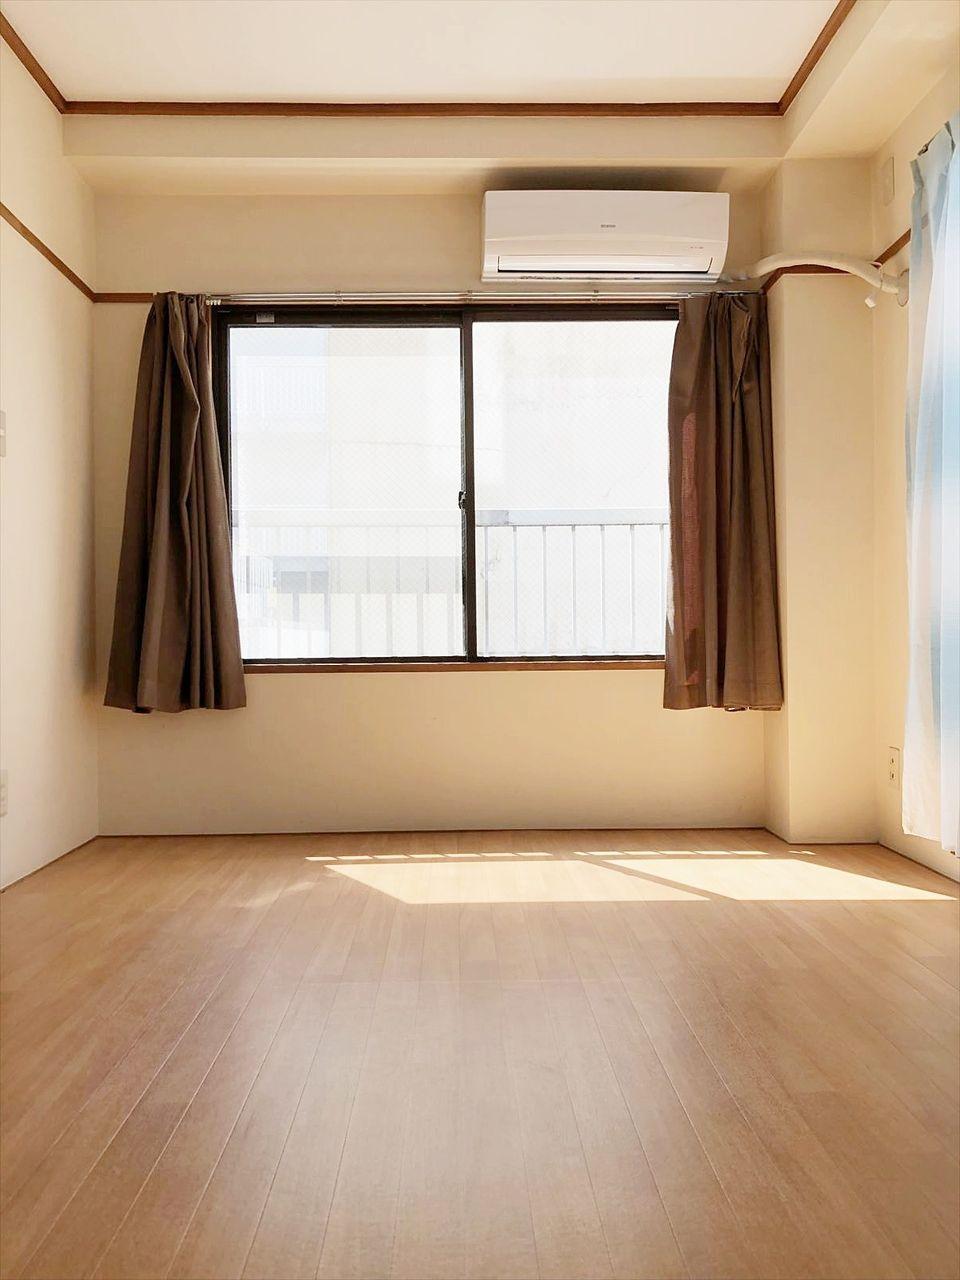 池袋の賃貸マンション クレインヴィレッジ401号室 近くにセブンイレブン・まいばすけっとがあり買い物便利な物件です。和室を洋室にリフォームした綺麗なお部屋でおススメです